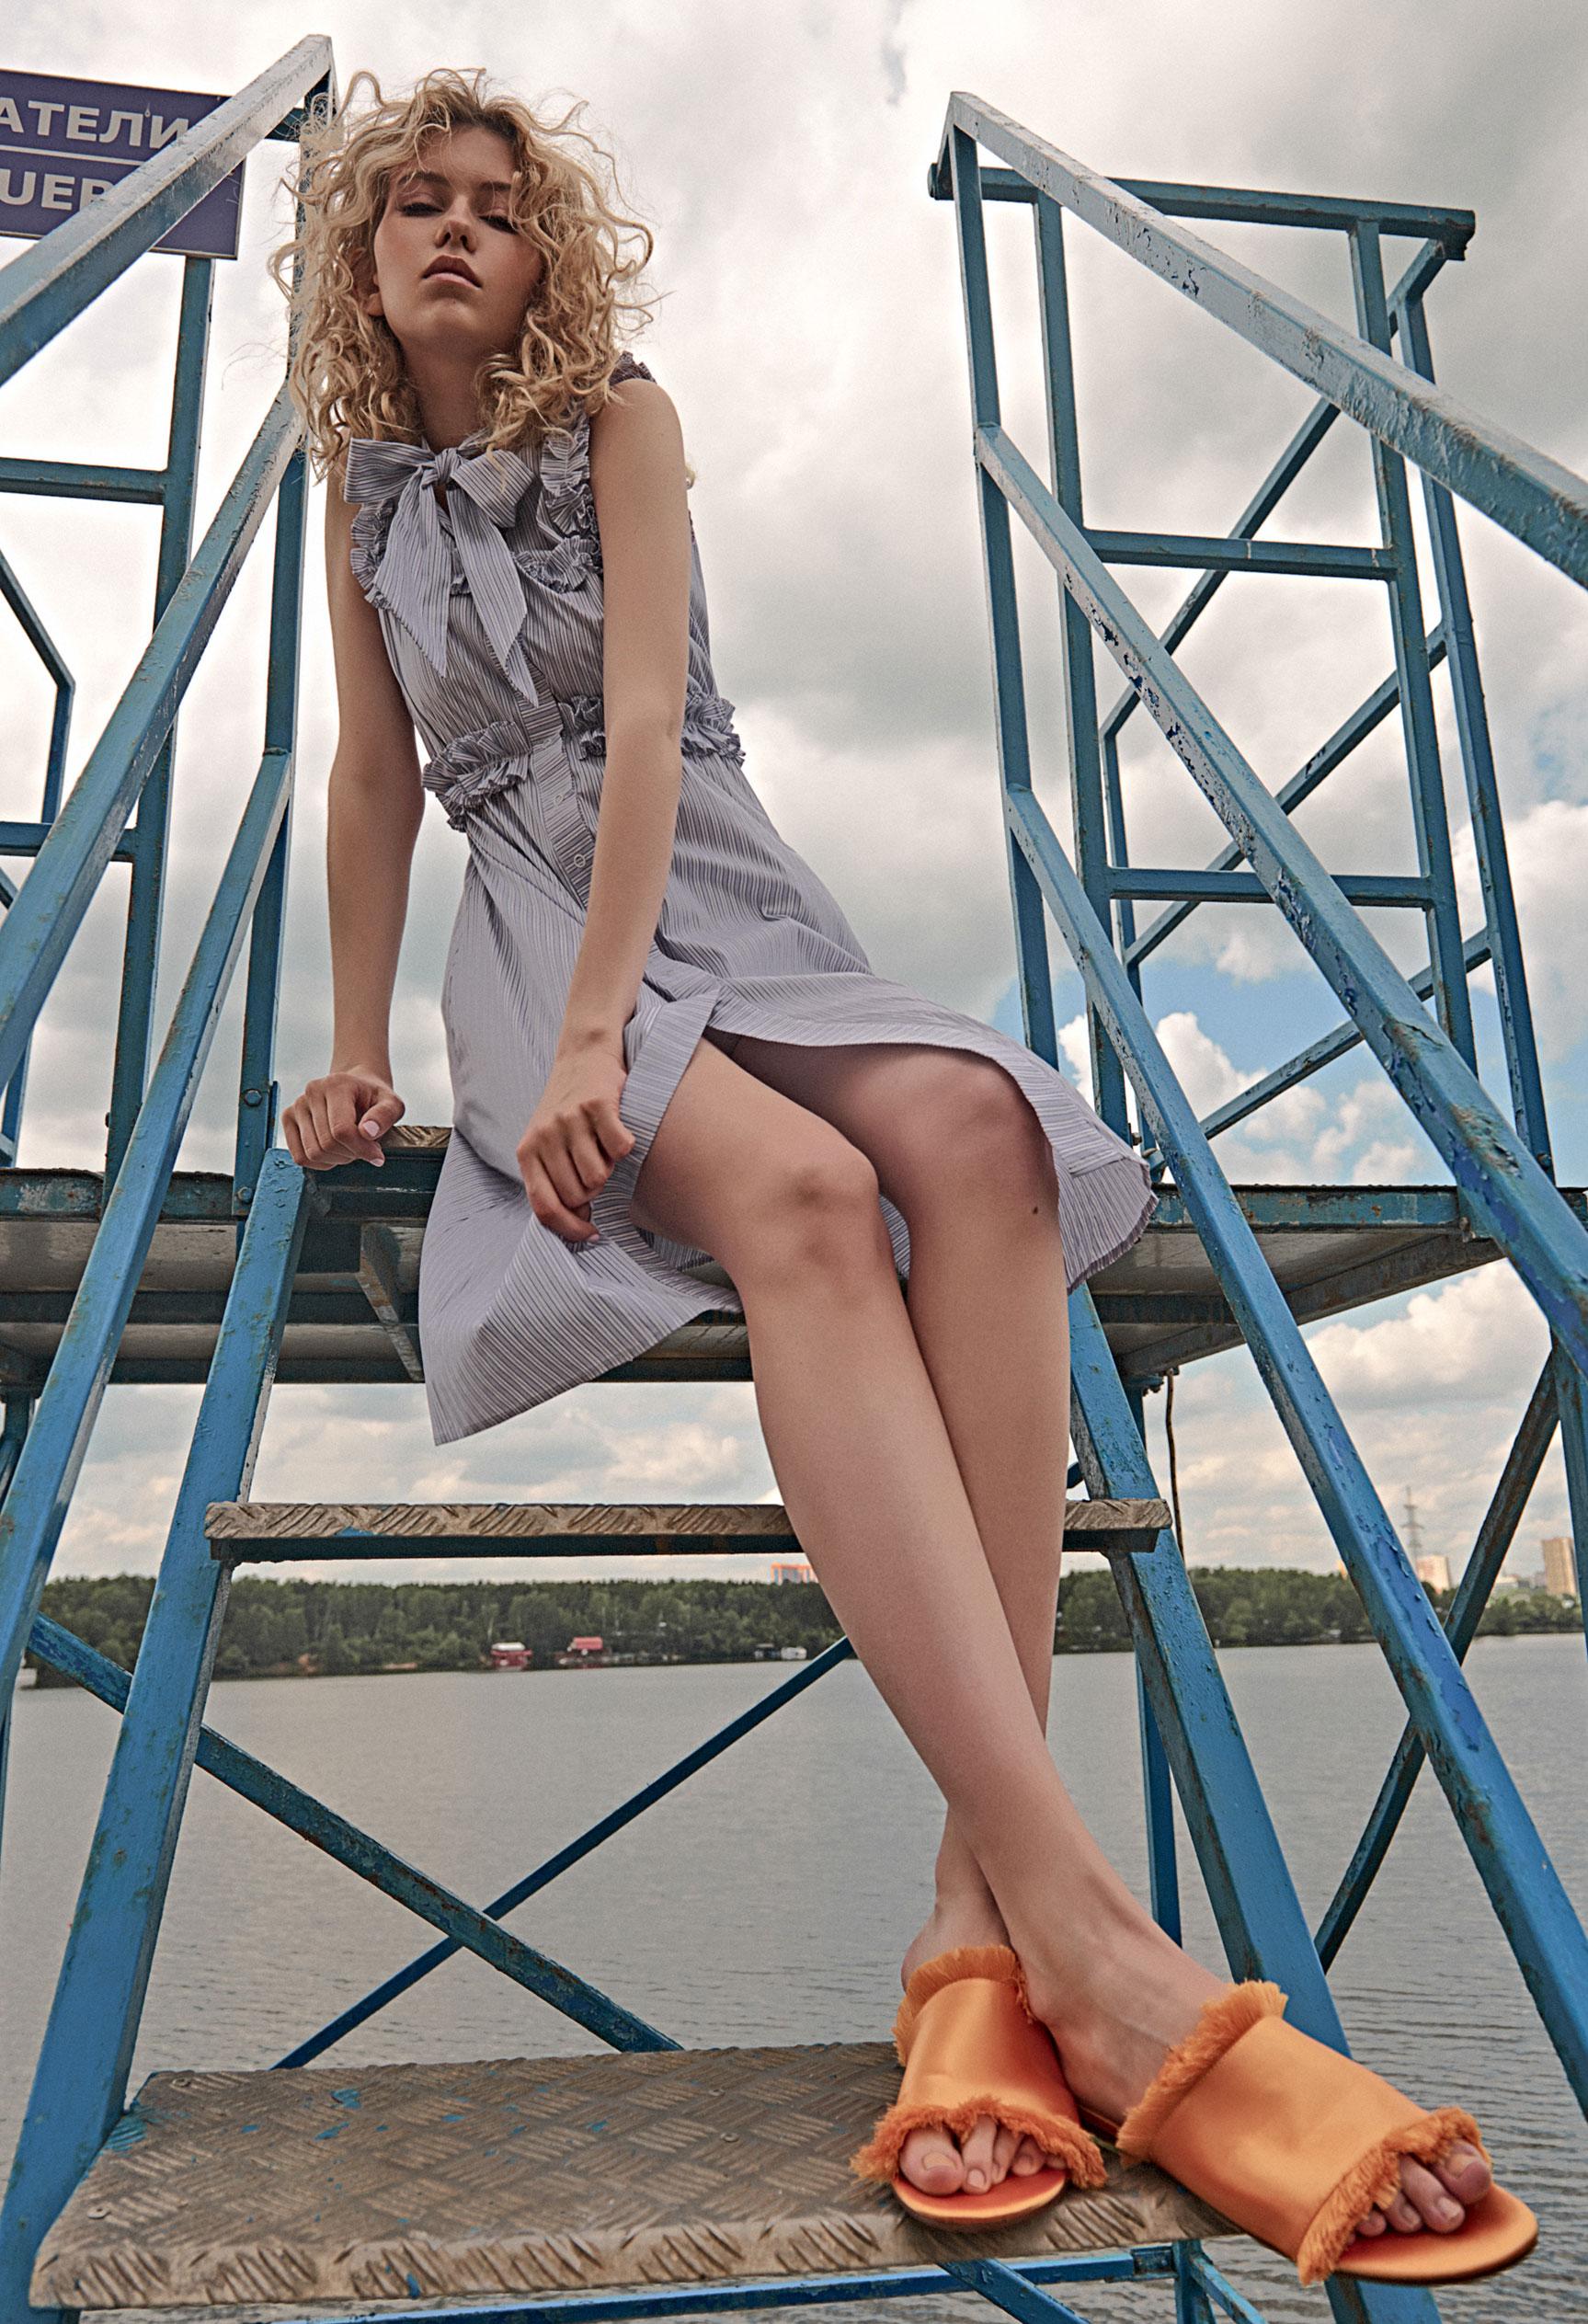 модель Алена Сальникова демонстрирует модную одежду / фото 07